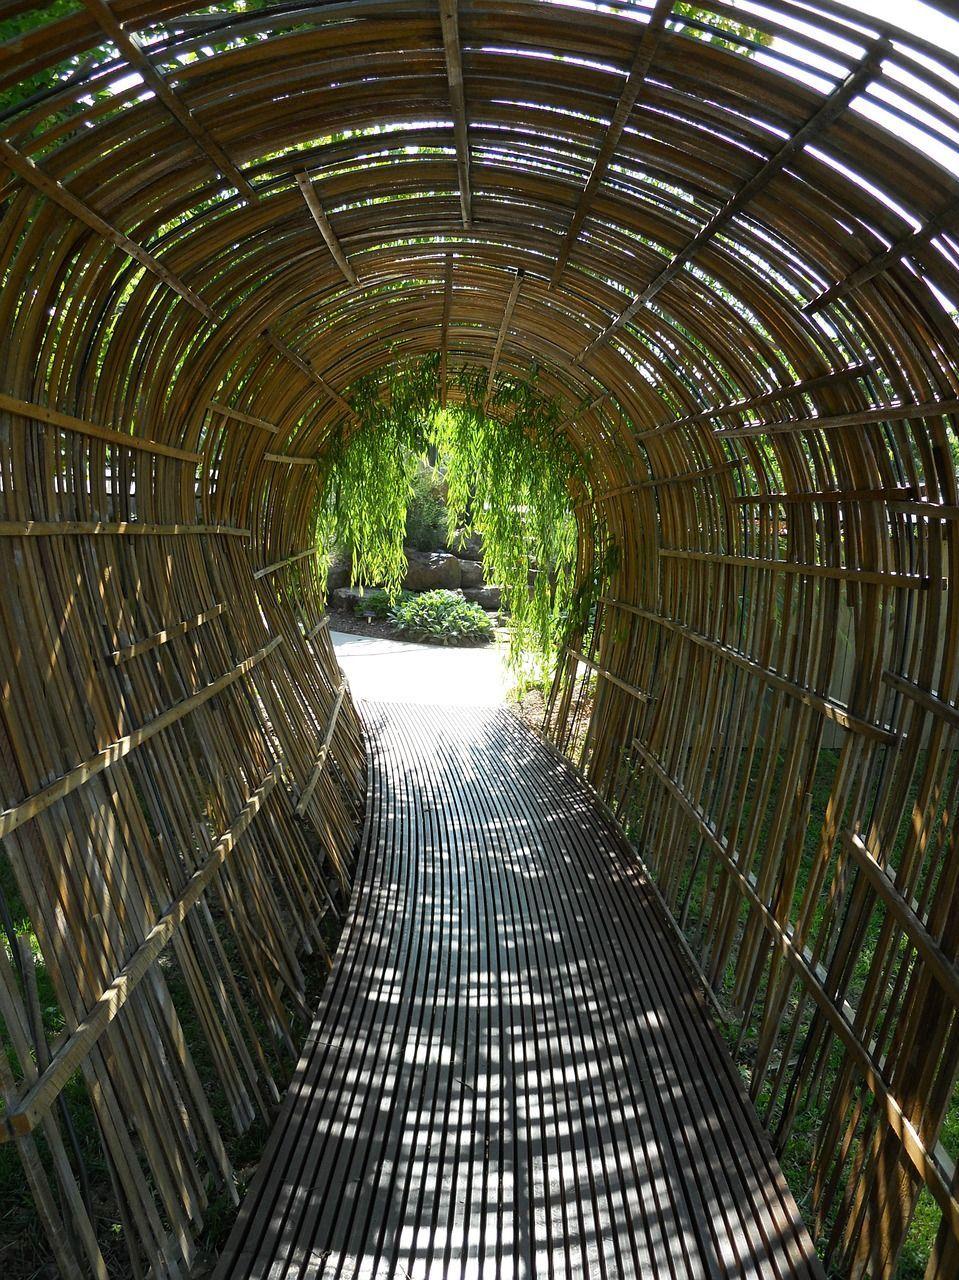 Als Leicht Verfügbarer Rohstoff In Hoher Qualität Wird Bambus Für Viele  Unterschiedliche Zwecke Genutzt. Er Ist Robust Und Sehr Strapazierfähig, ...